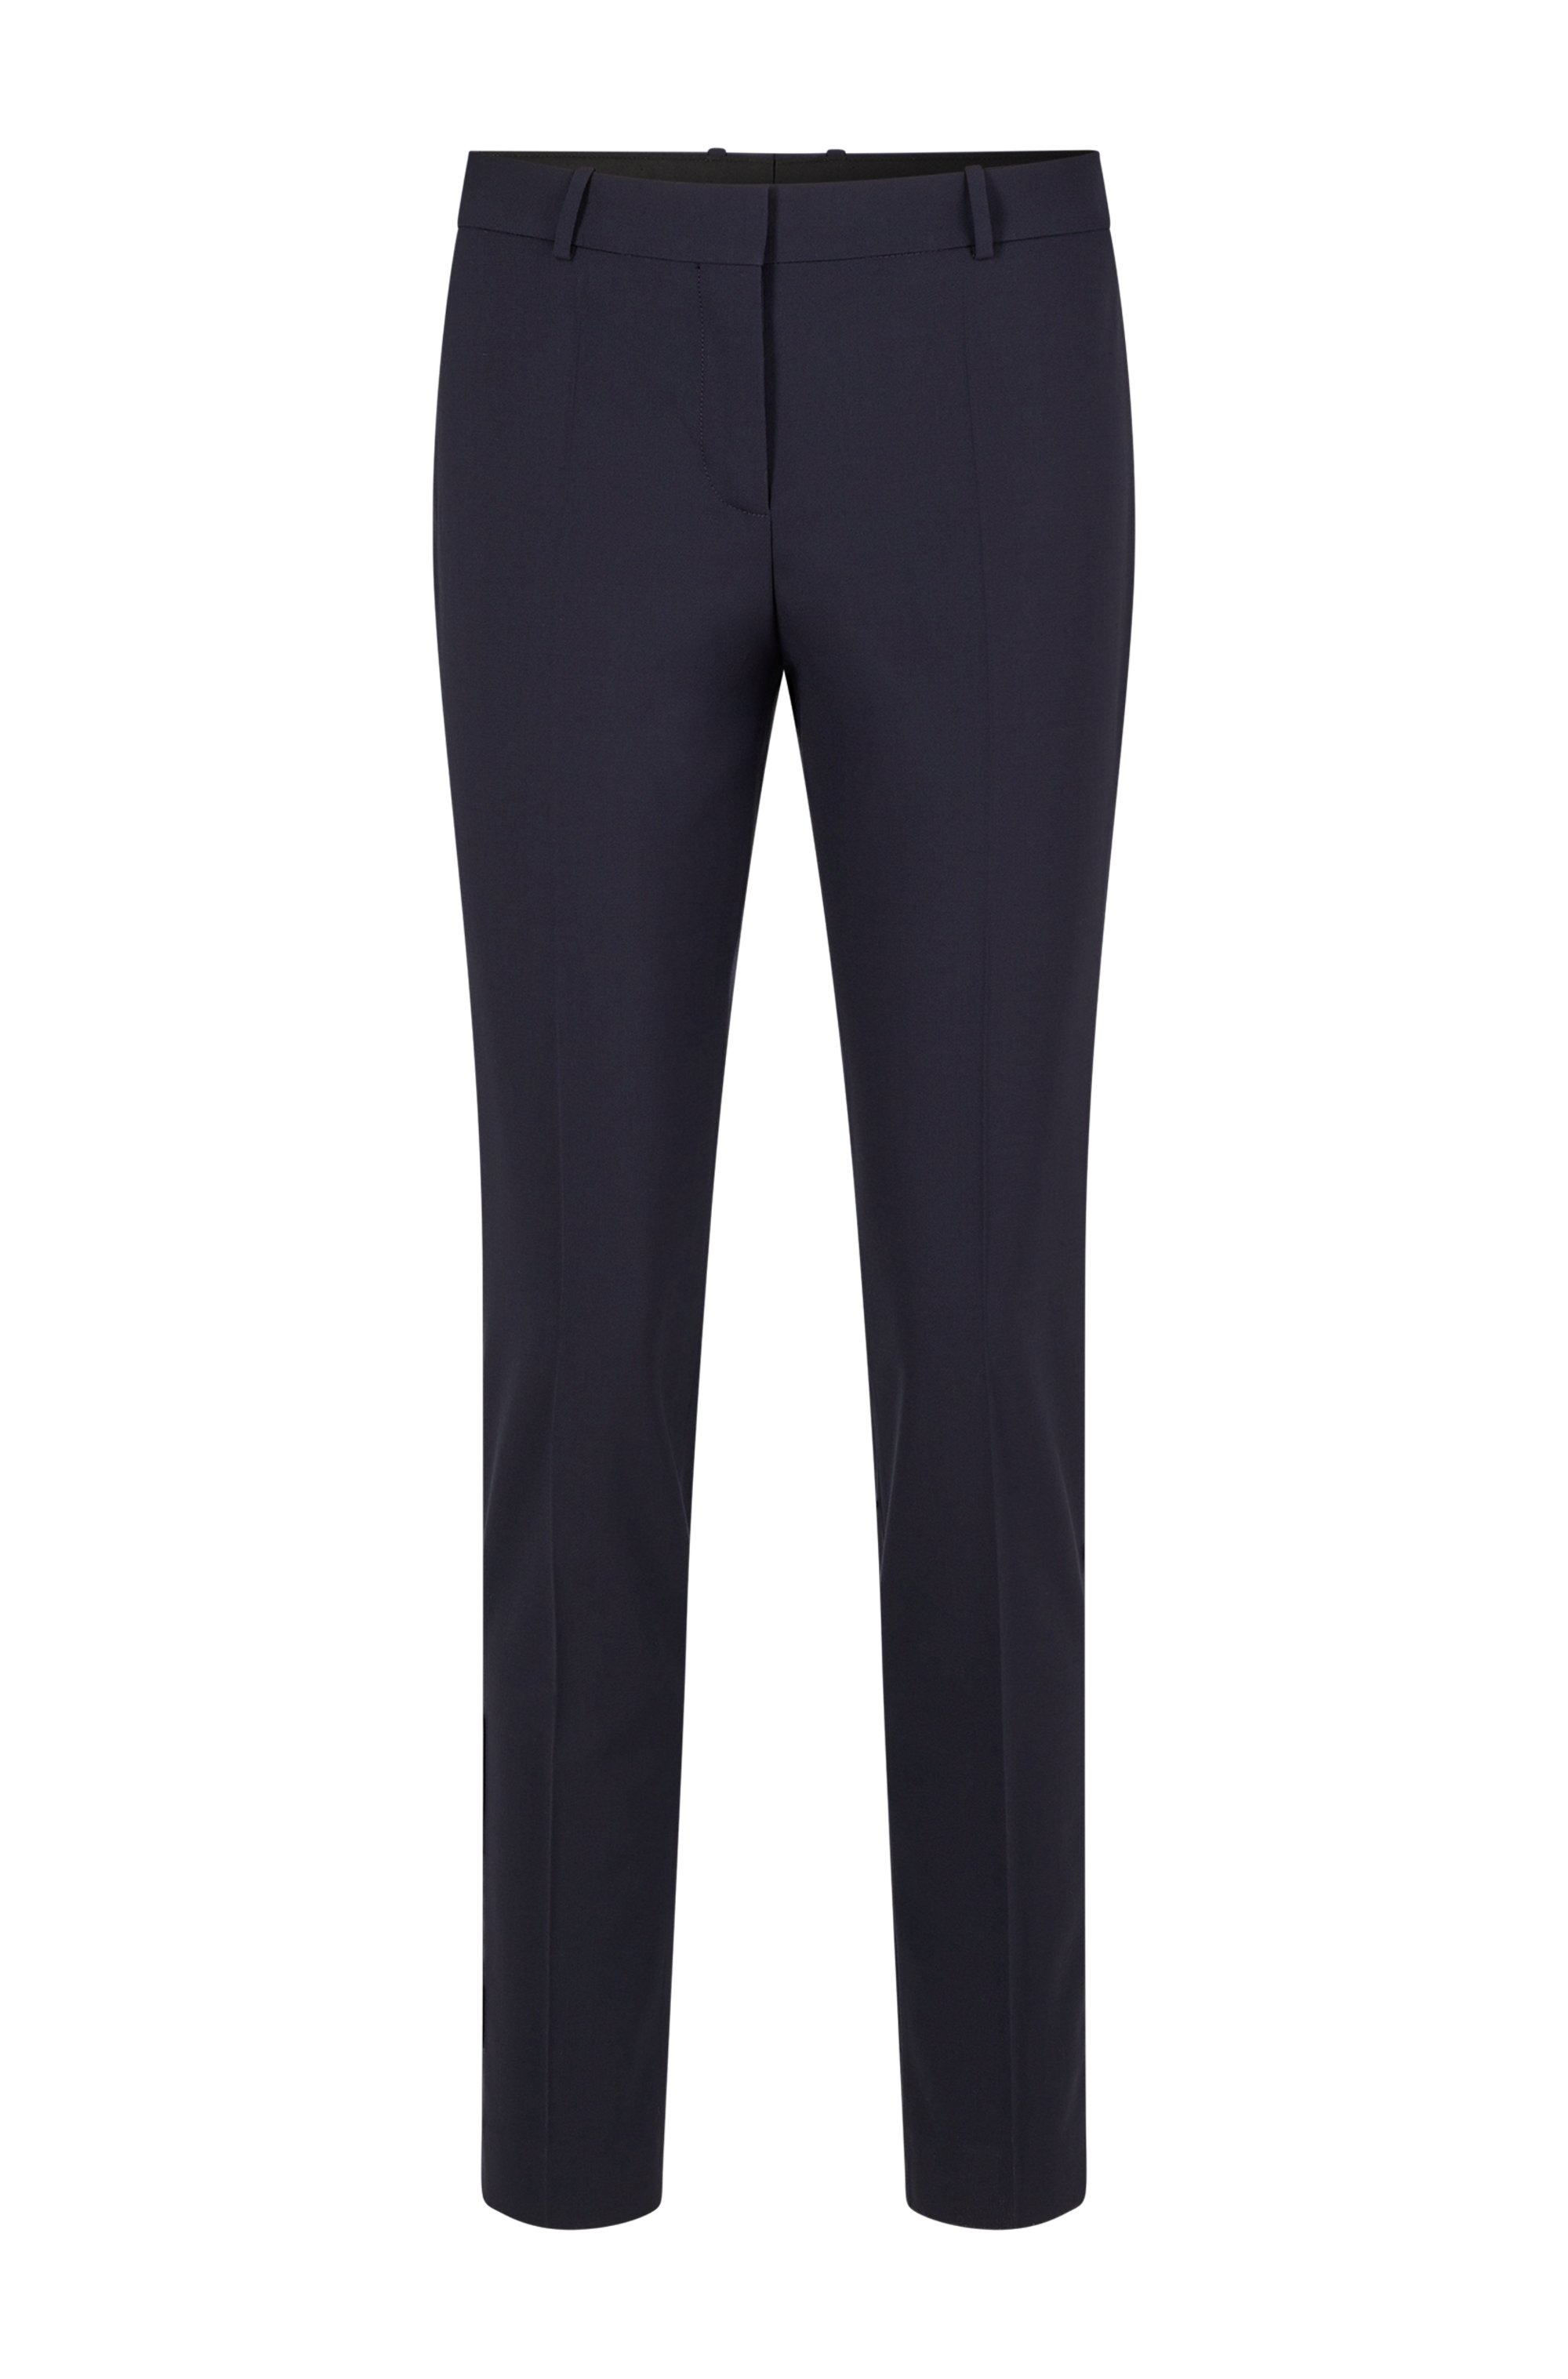 Pantalones tobilleros regular fit en lana virgen italiana con elástico, Azul oscuro